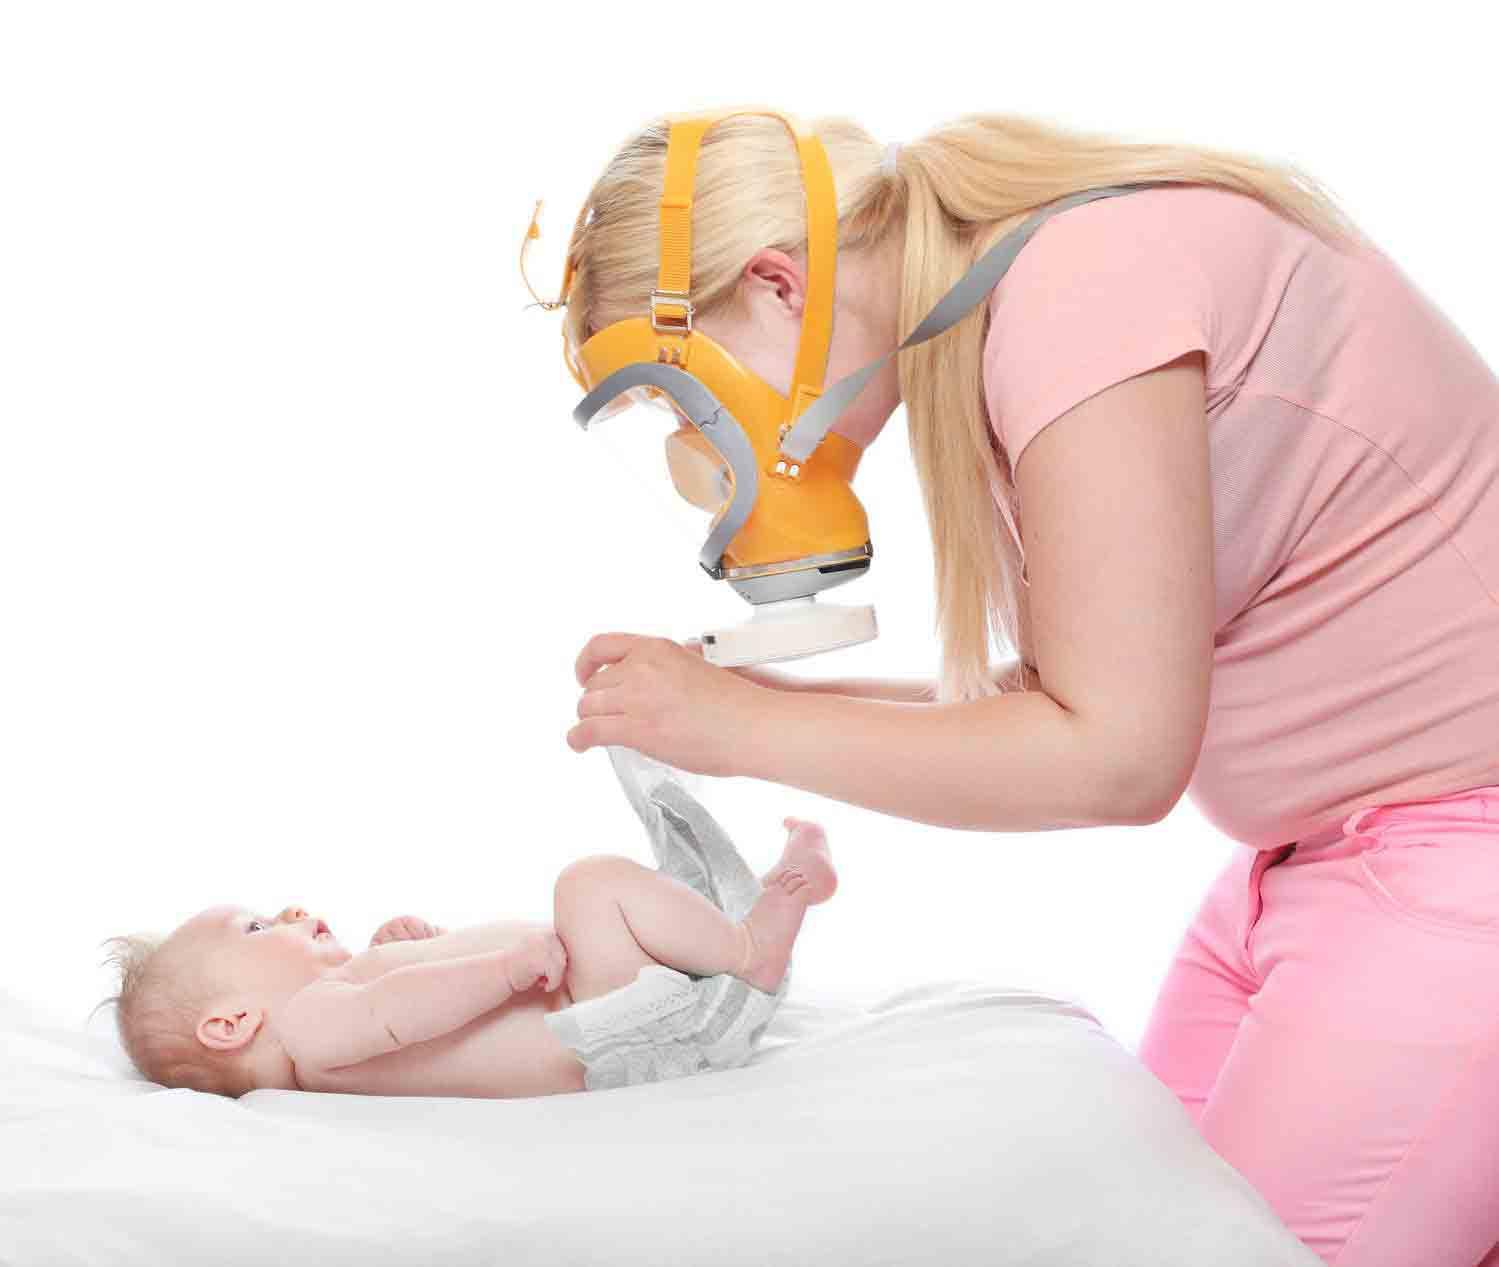 آموزش تعویض پوشک بچه | مرکز خدمات بالینی در منزل پارسیان مهرپرور